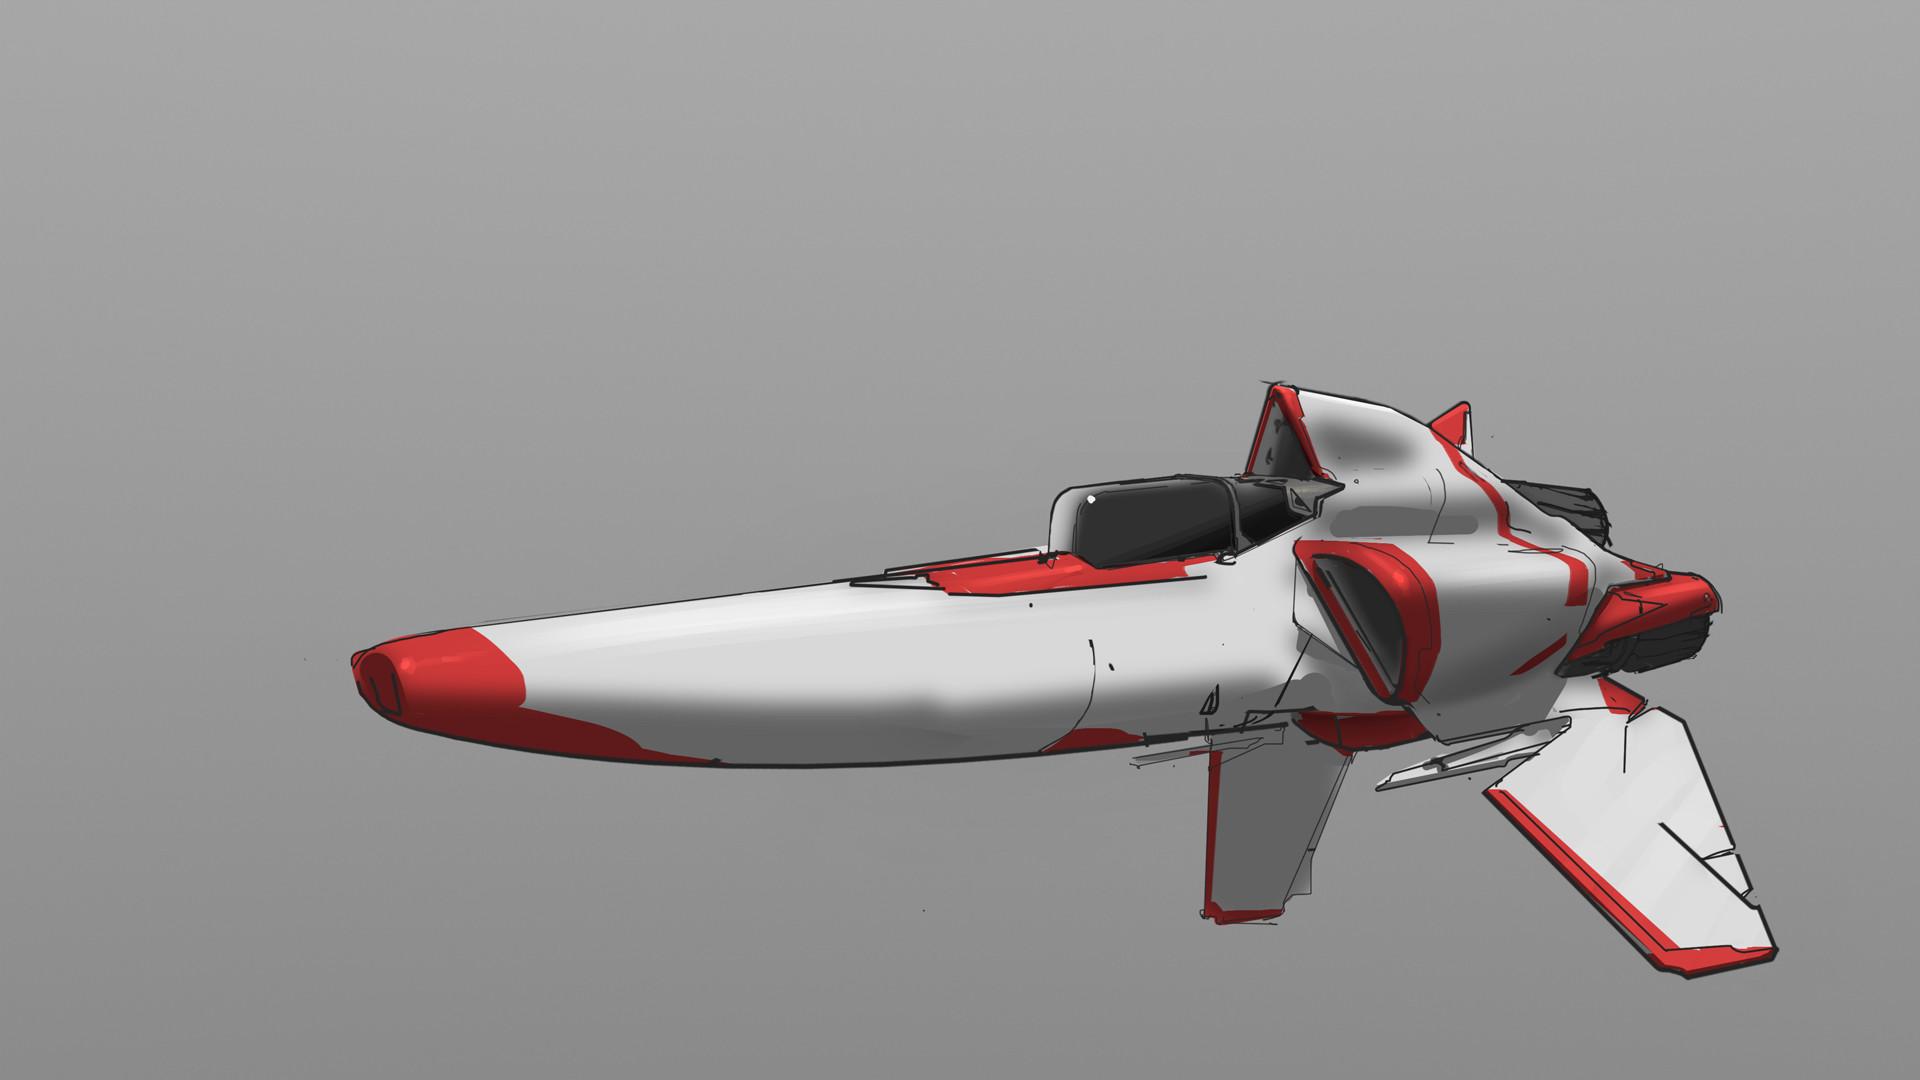 German casado fraga asl spaceship 012 v004 d